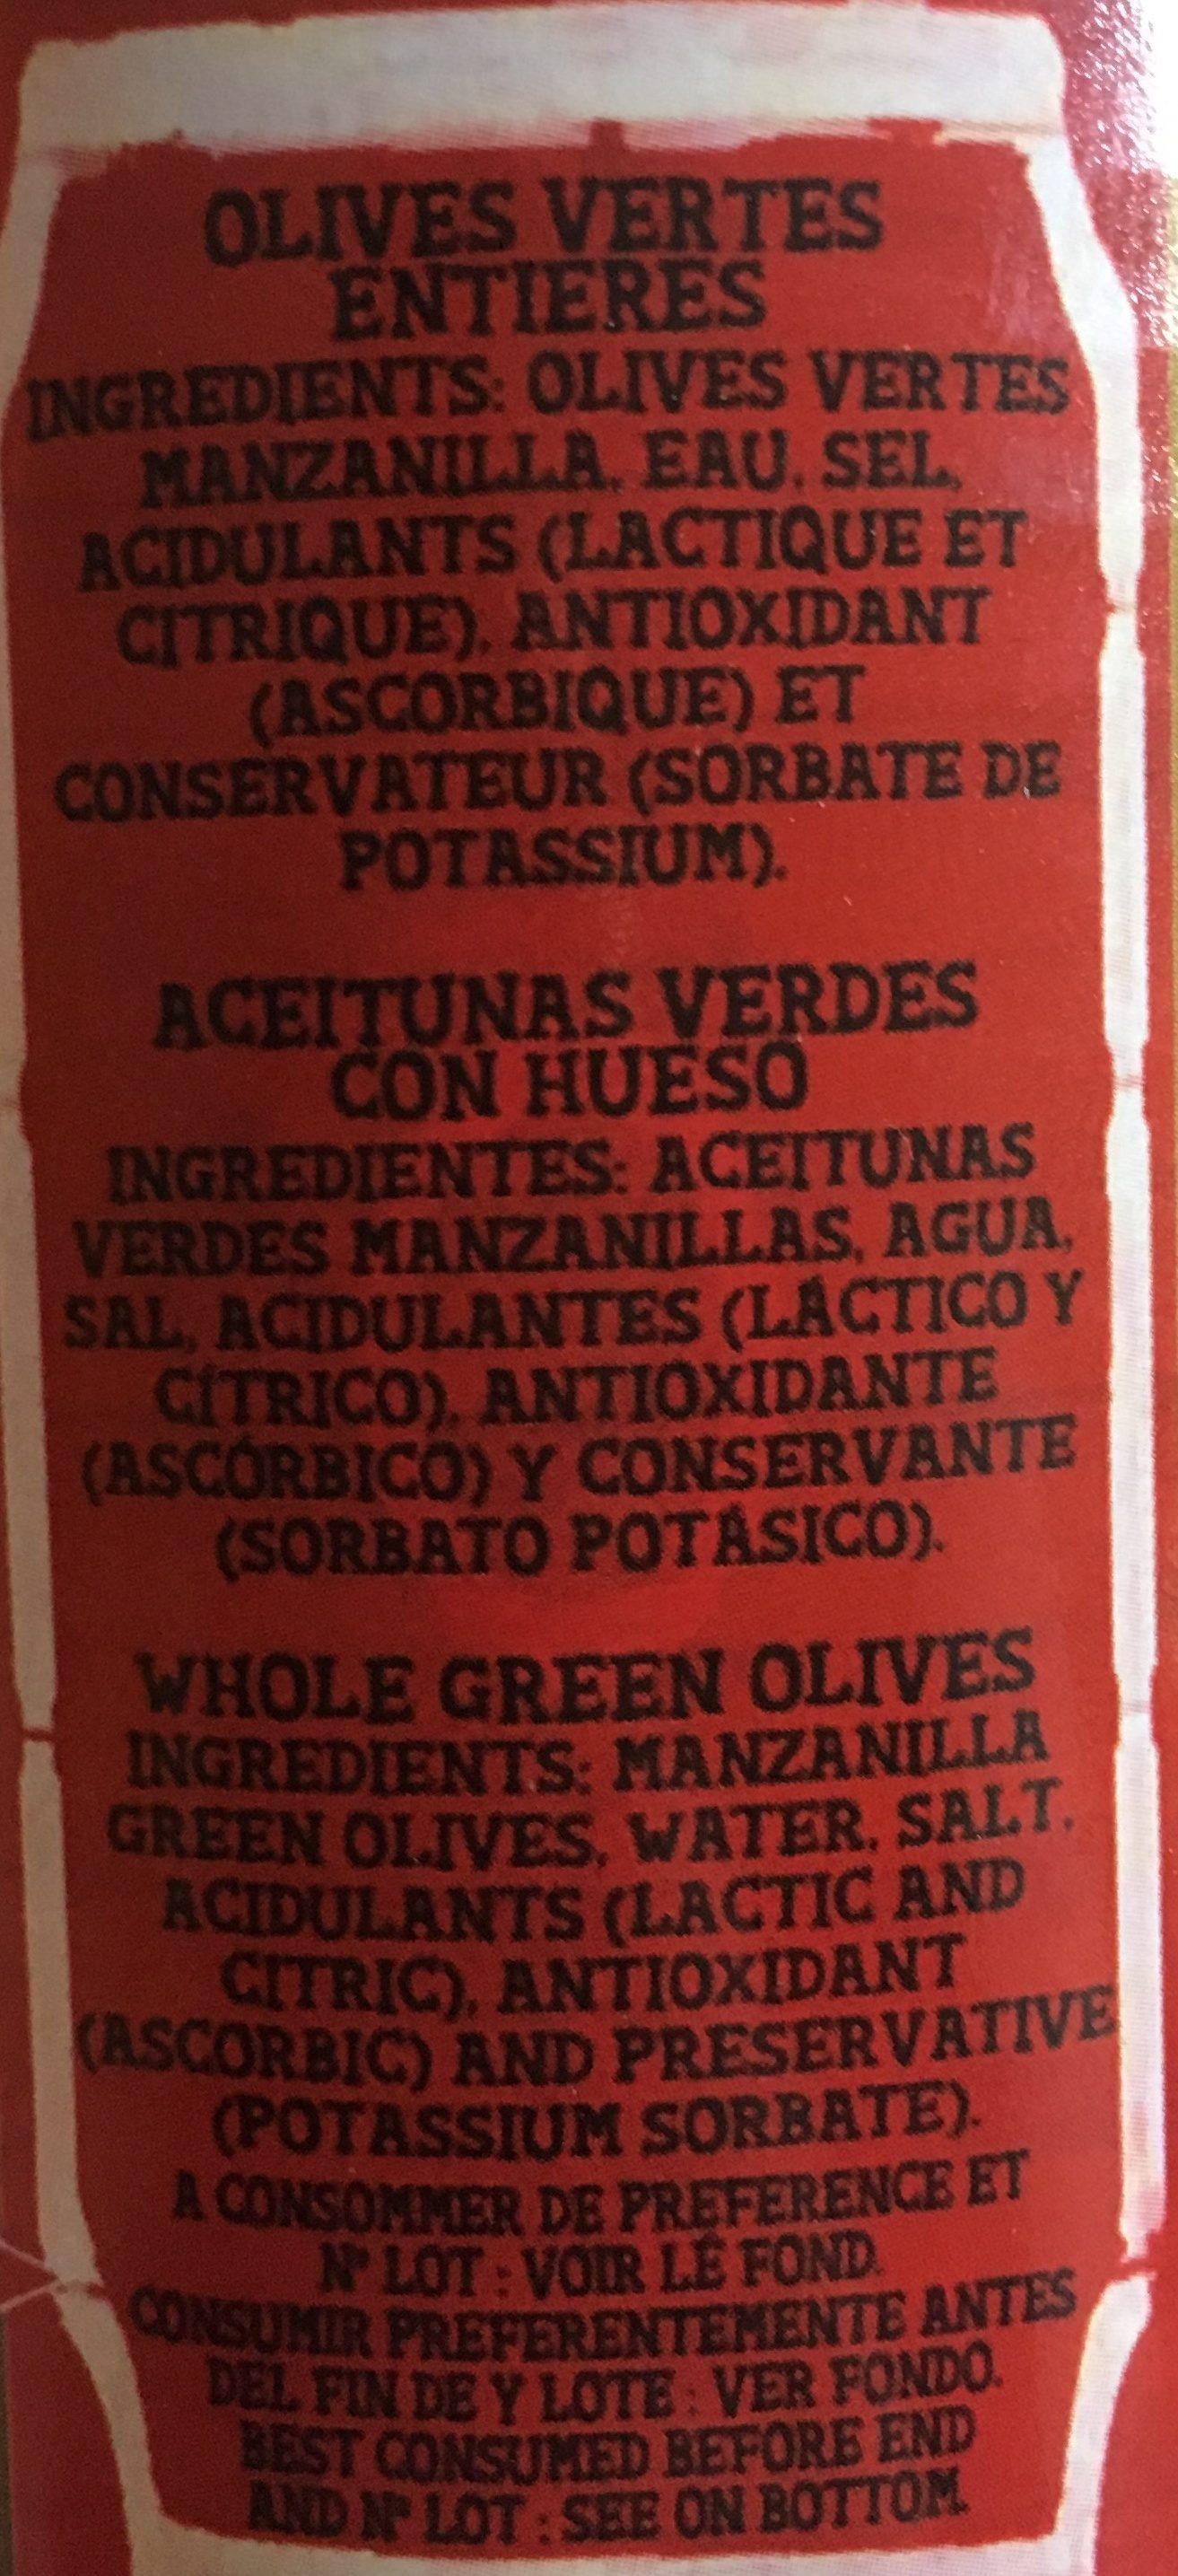 Olive vertes - Ingredients